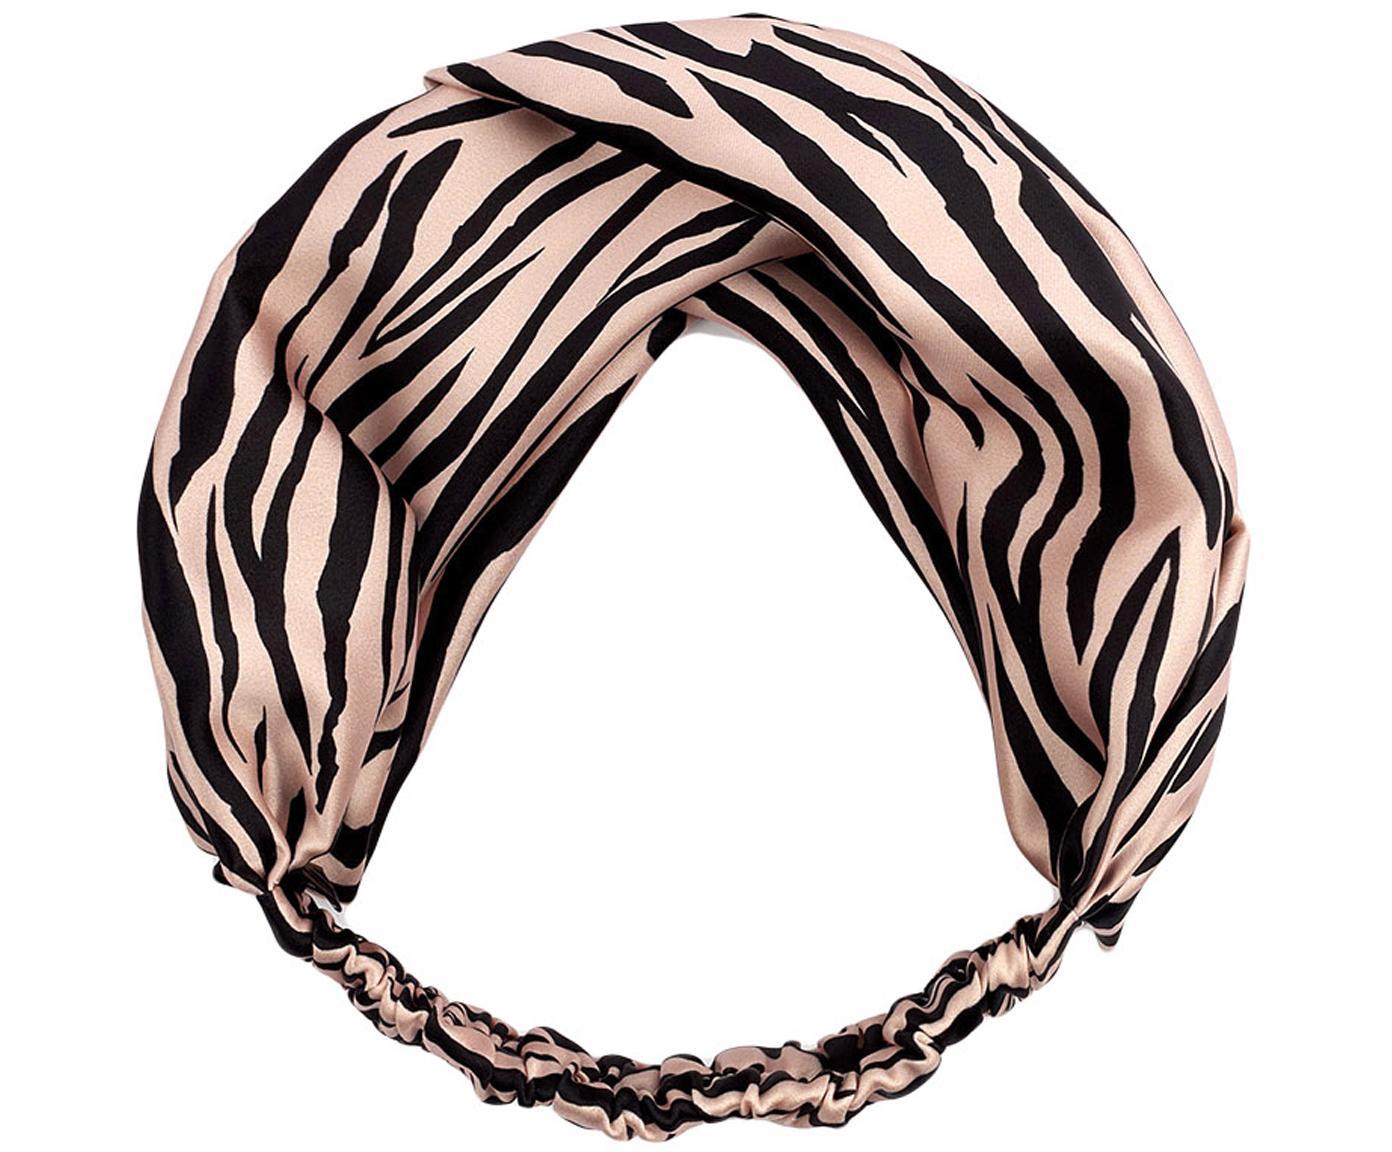 Haarband Soft Tiger, Polyester, Beige, zwart, Ø 29 cm